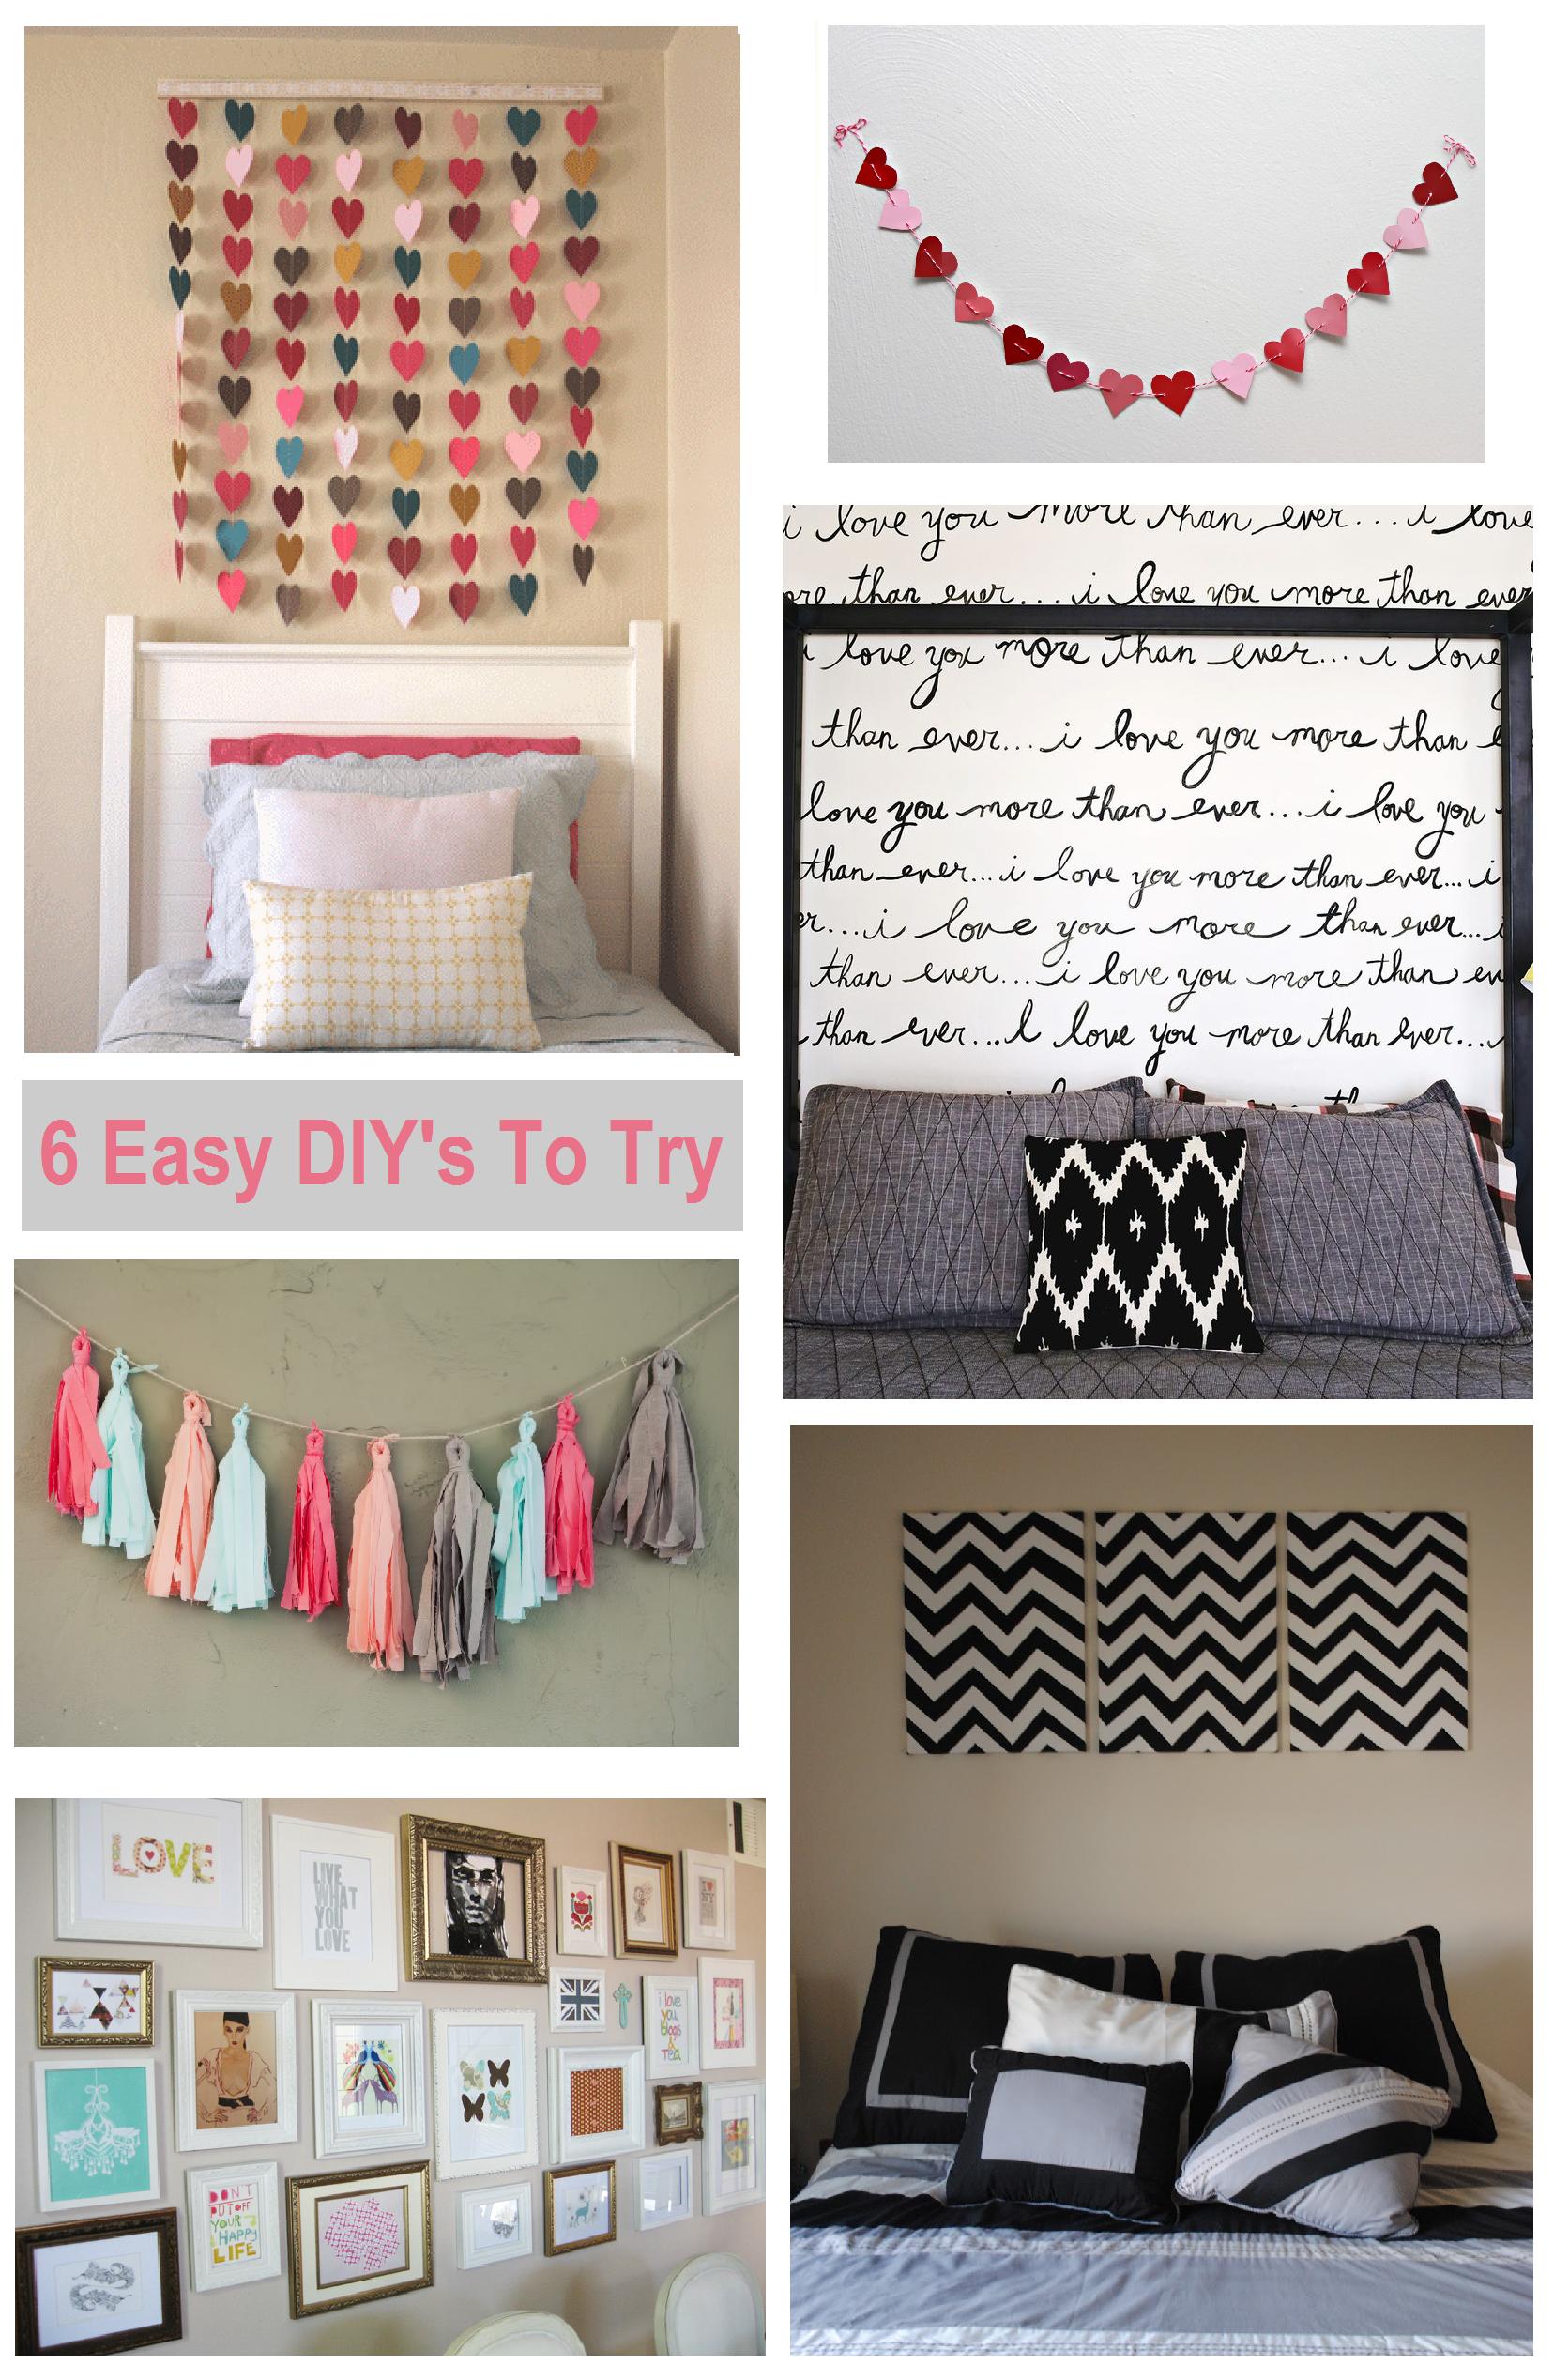 Lovely Diy Room Design Ideas Part - 6: Room · Diy Bedroom Wall Ideas